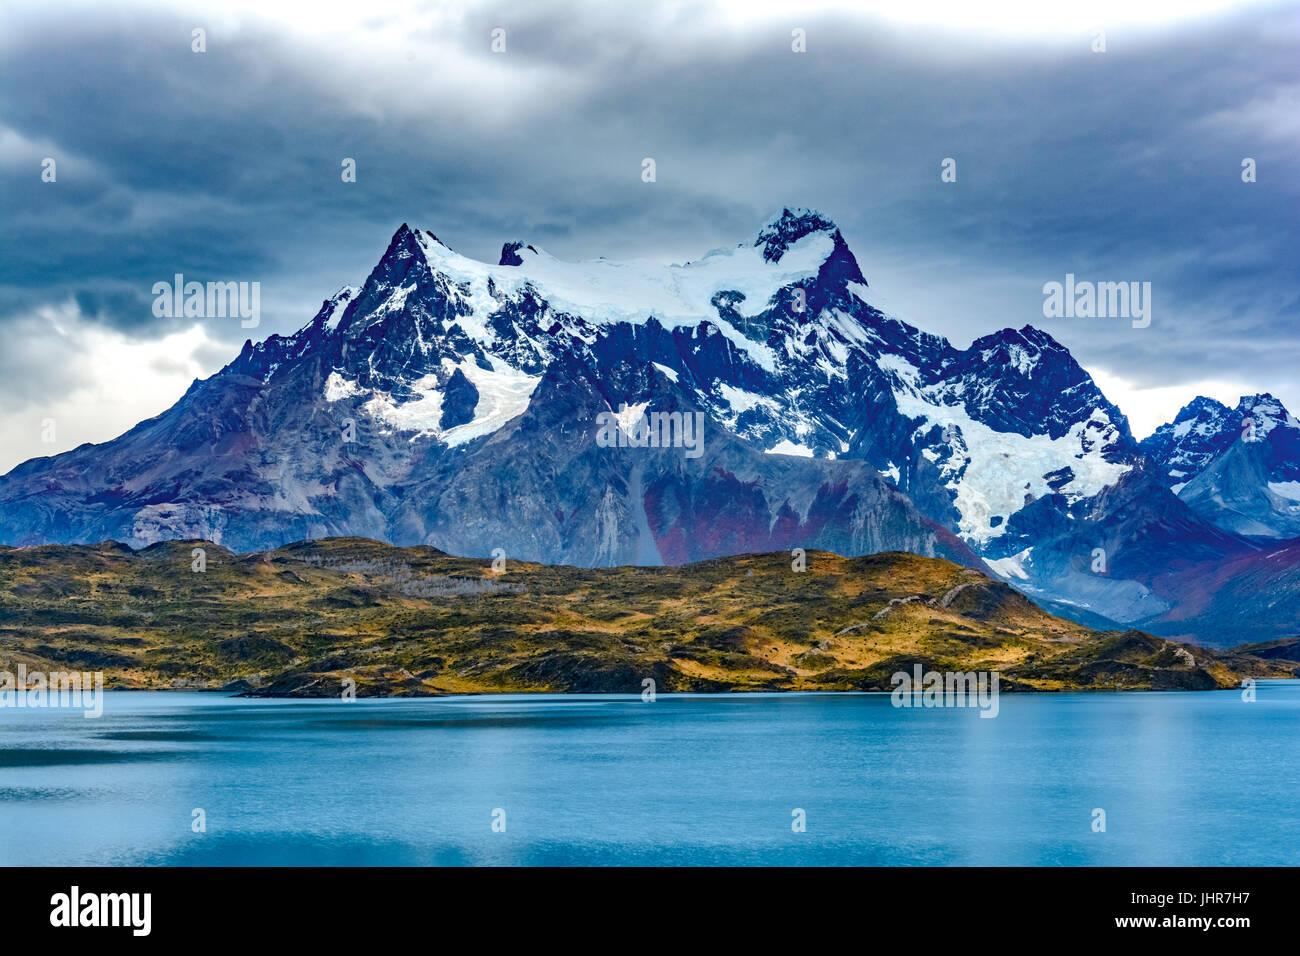 Torres del Paine en el lago Pehoé, Patagonia, Chile - Campo de Hielo Patagónico Sur, región de sudamérica Imagen De Stock